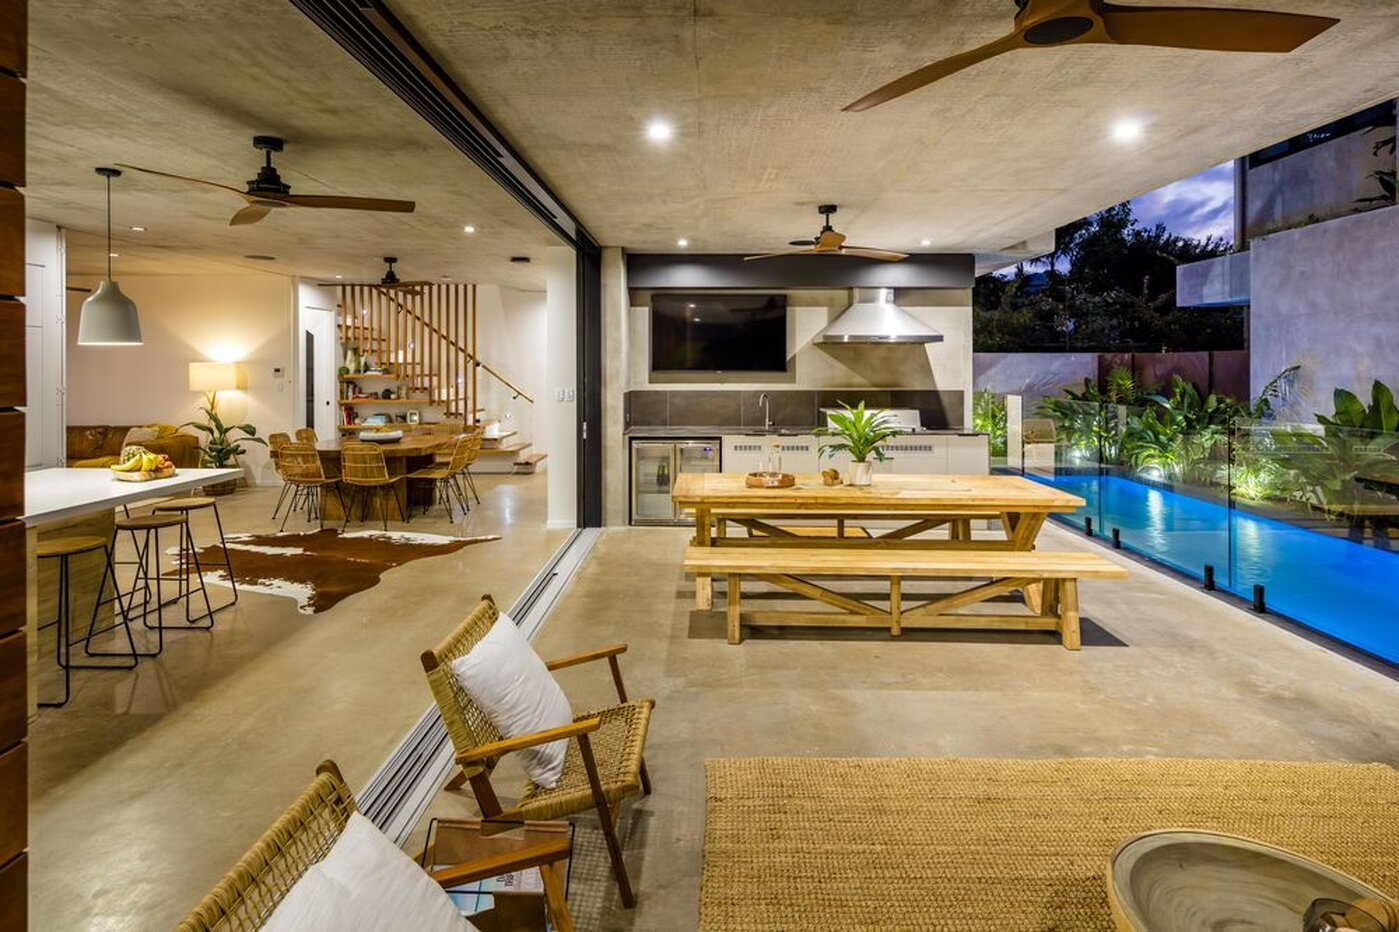 Outdoor kitchen next to pool